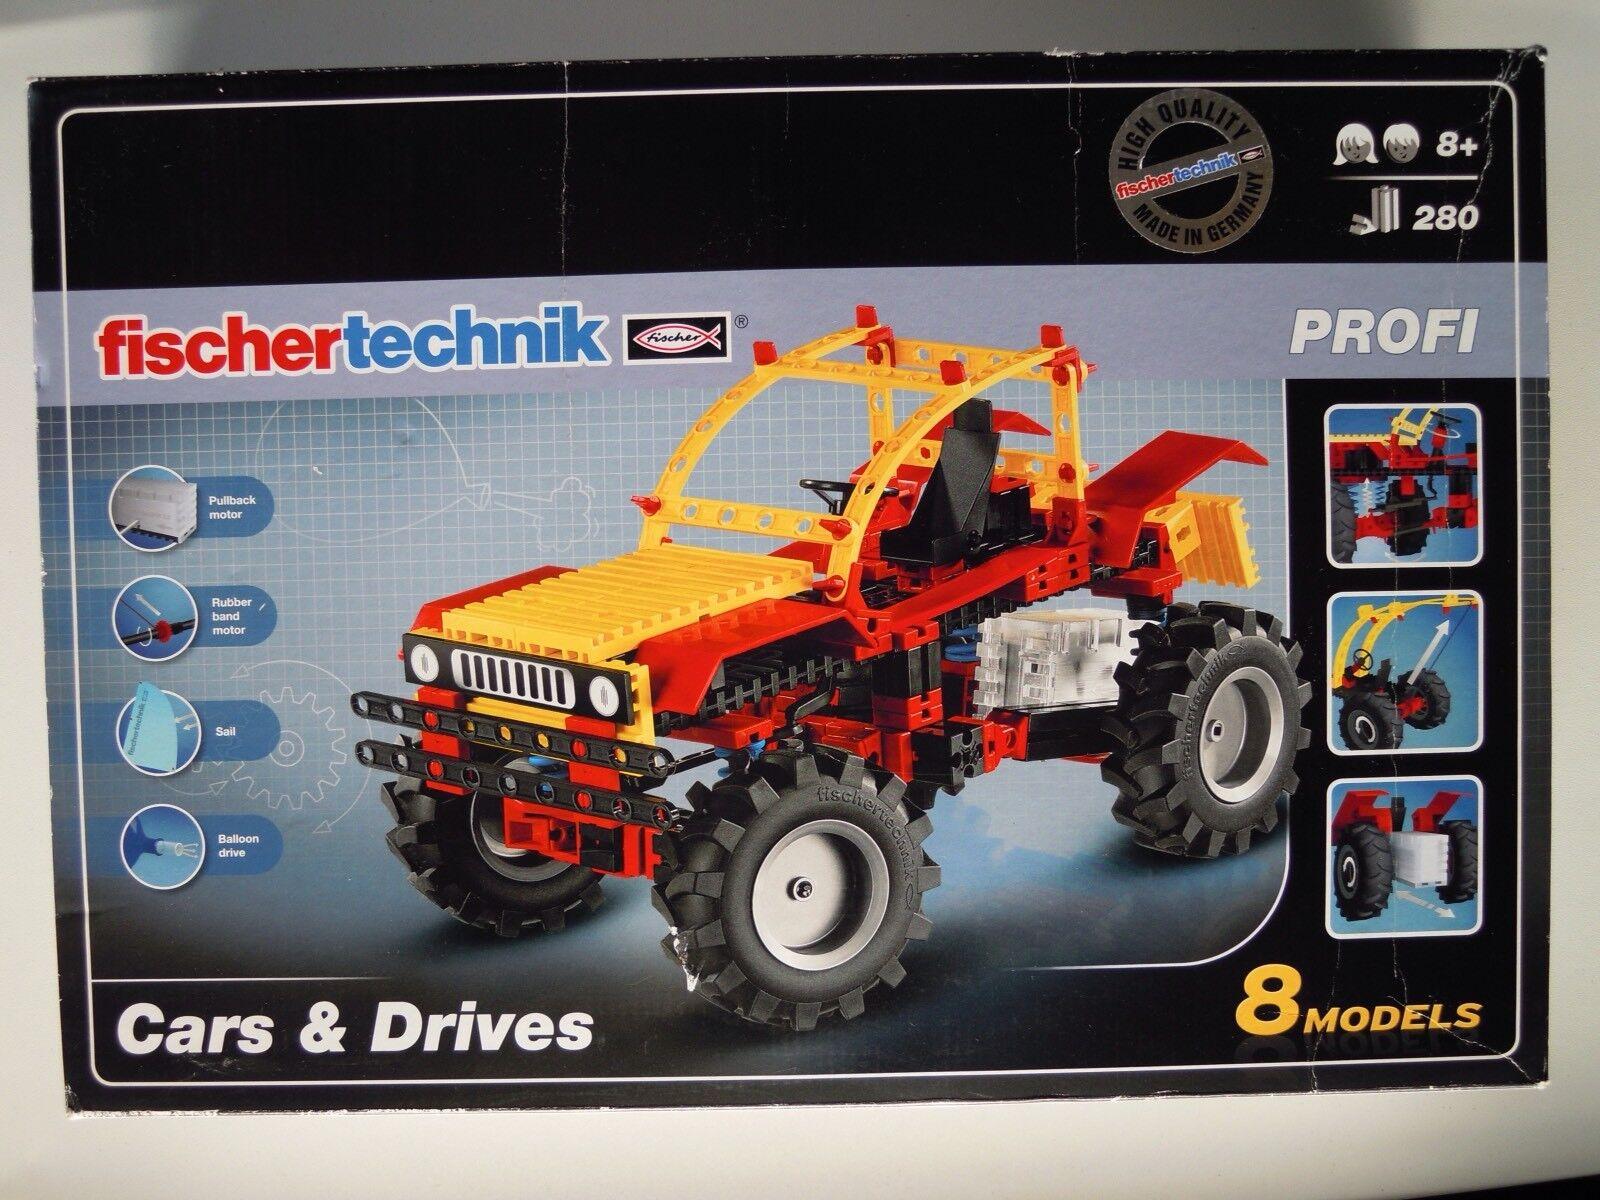 Fischertechnik 516184 Cars & Drives 8 Model Building Kit 280 Pieces (NIB)